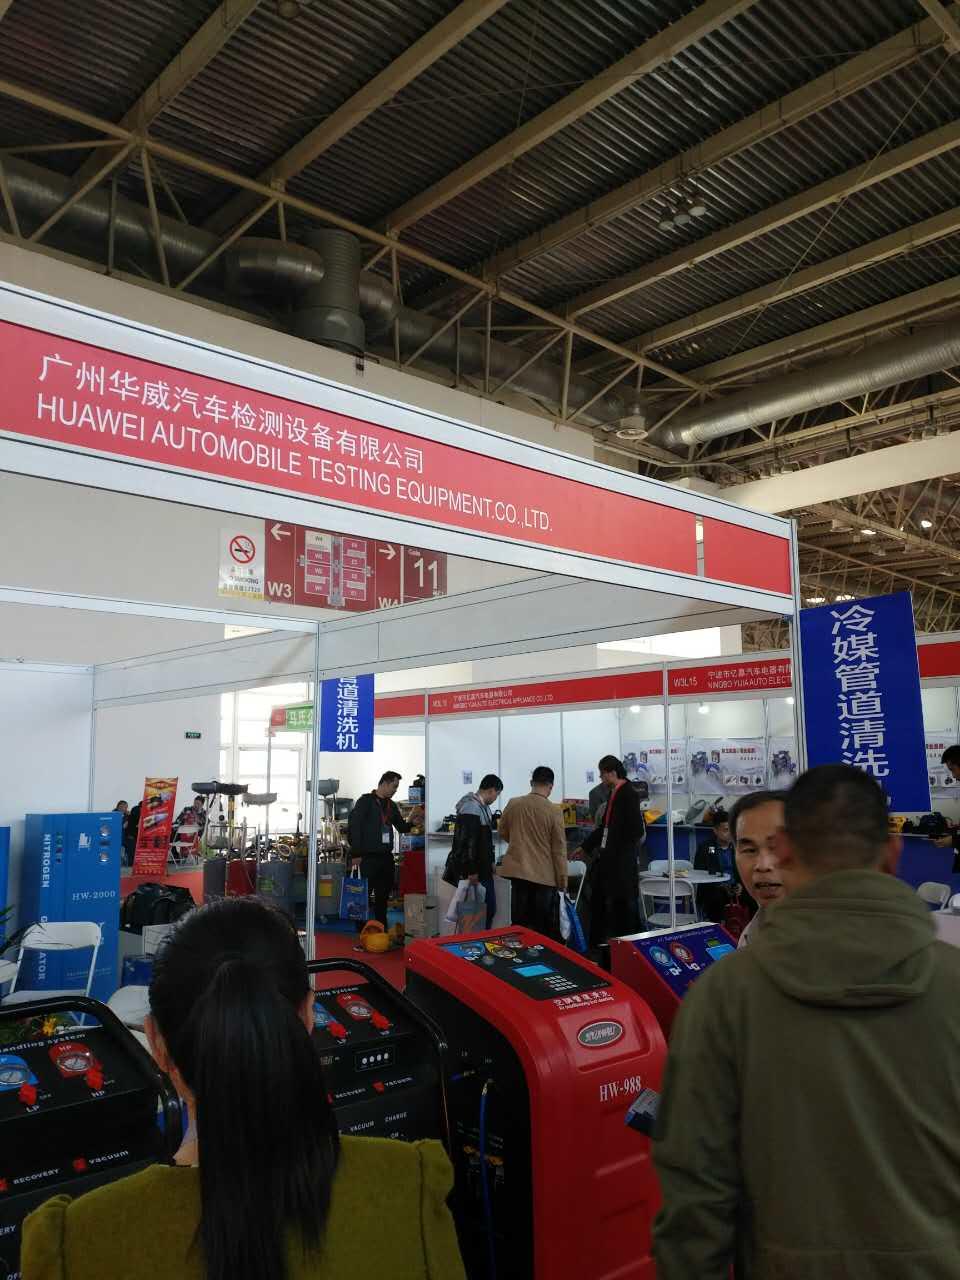 Huawei Exhibition show